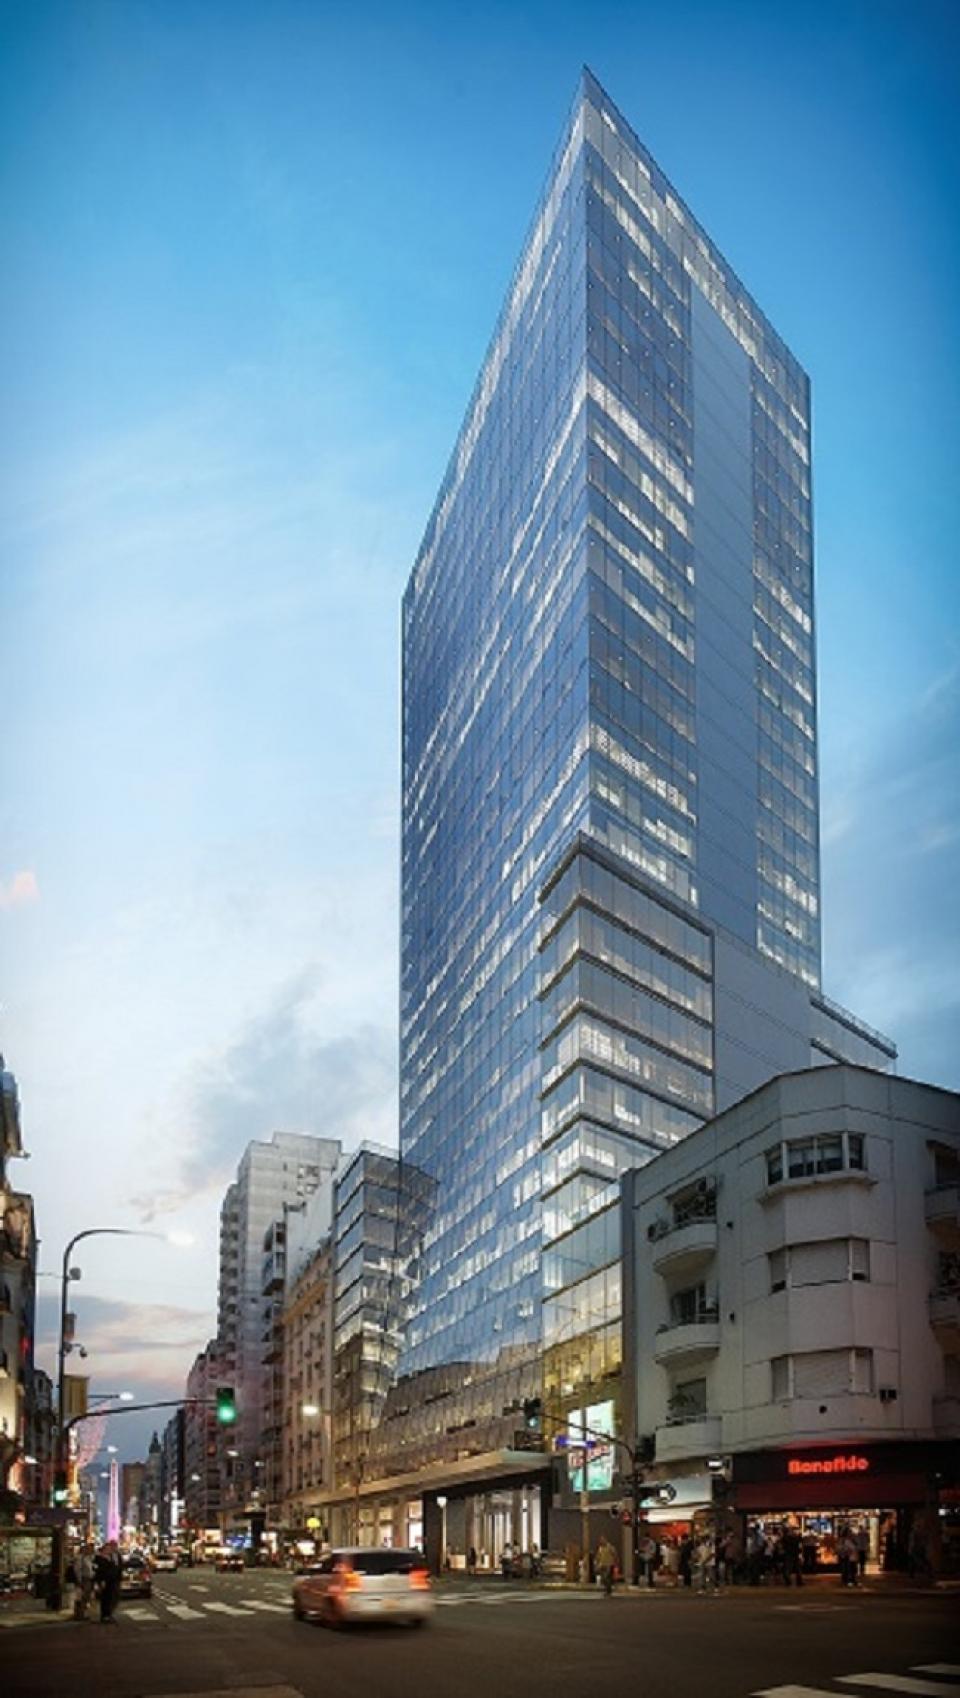 Lex Tower